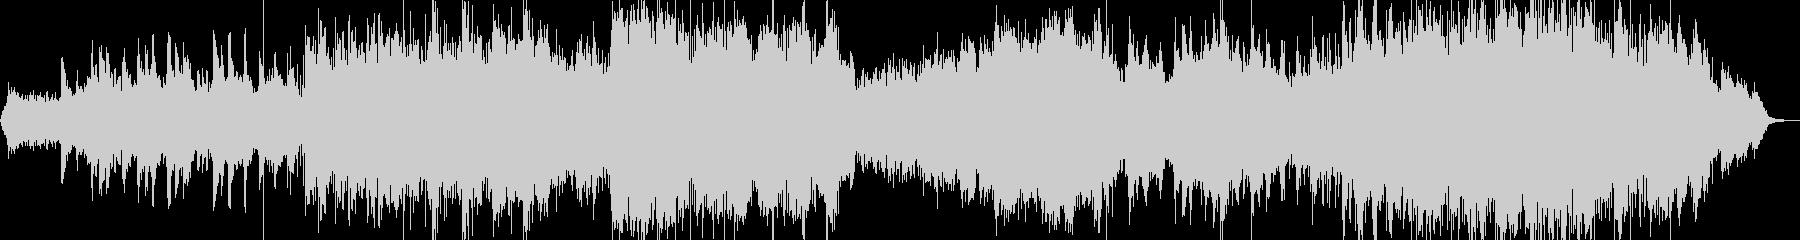 ボサノバ風ポップの未再生の波形